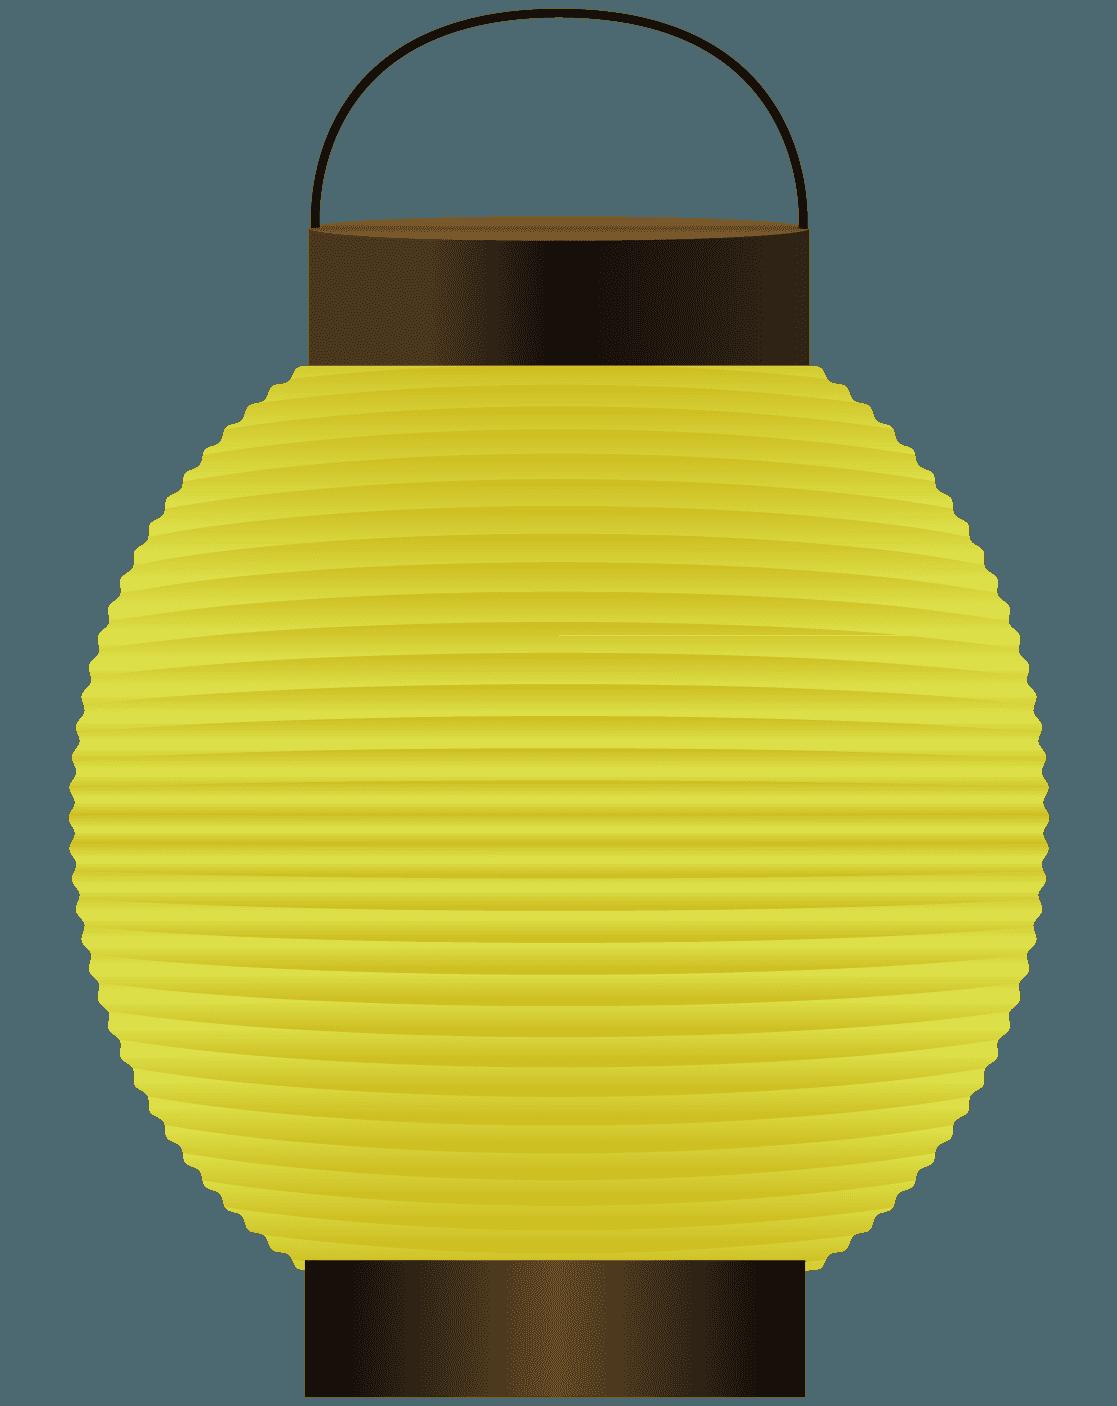 黄色いちょうちんイラスト